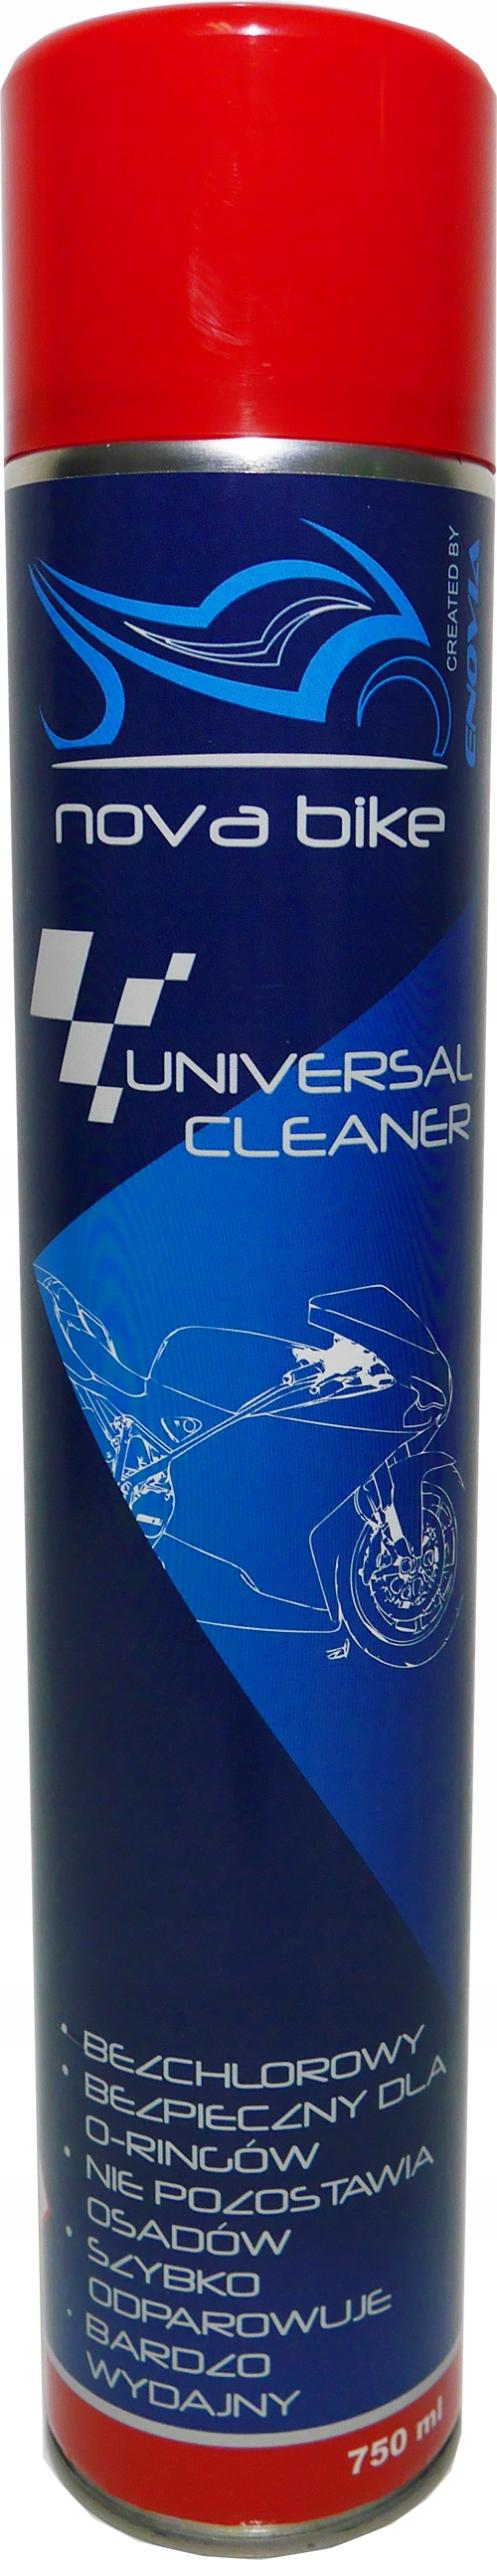 Универсальное чистящее средство для уборки NOVA BIKE